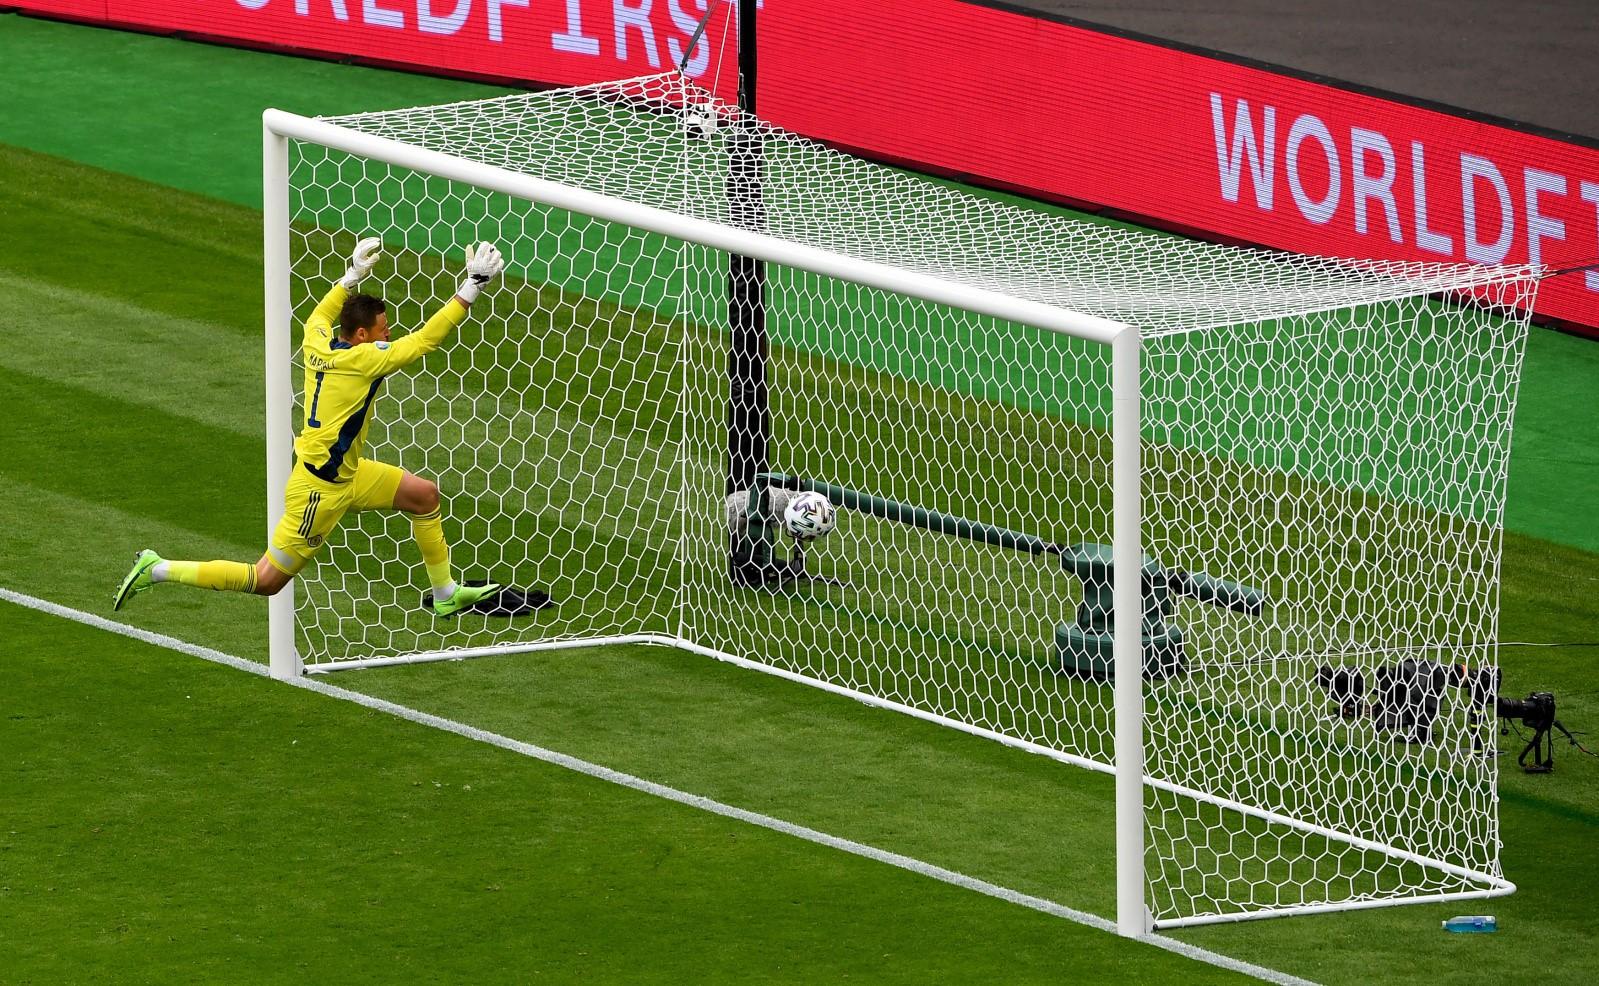 苏格兰门将马绍尔救球。